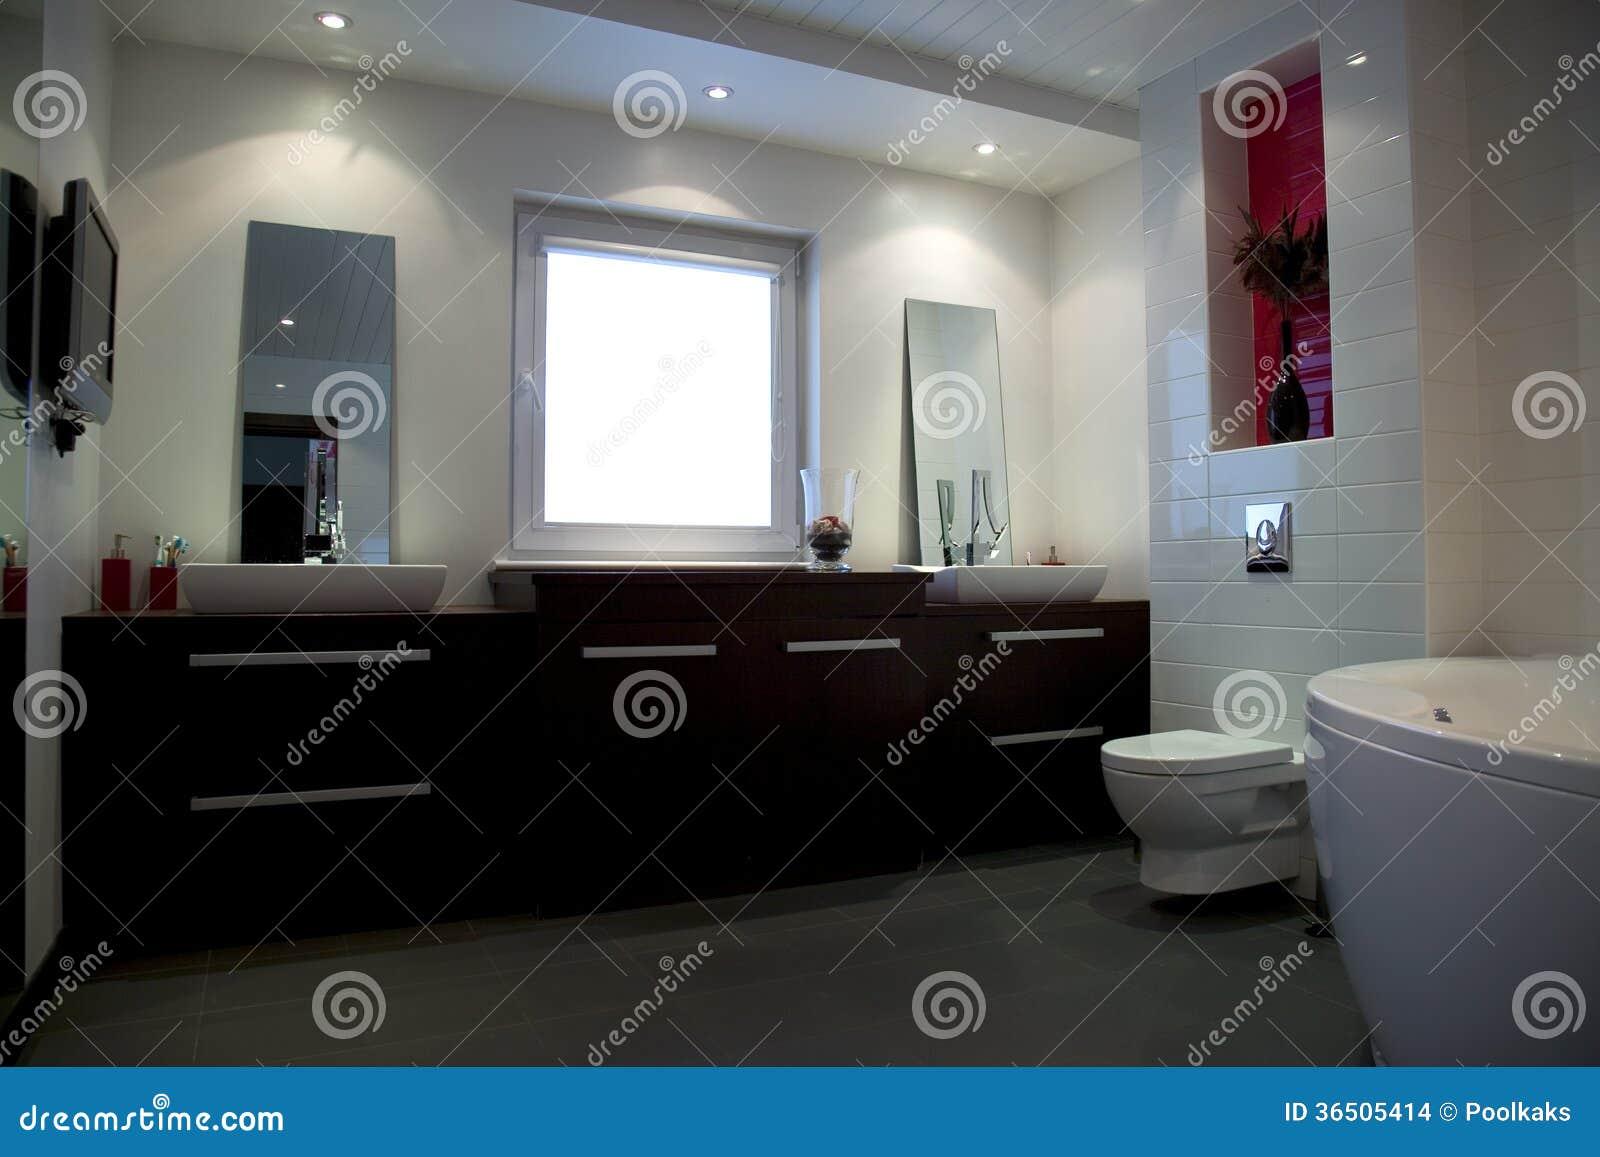 bagno bianco moderno con mobilia marrone immagini stock - immagine ... - Bagni Moderni Marroni